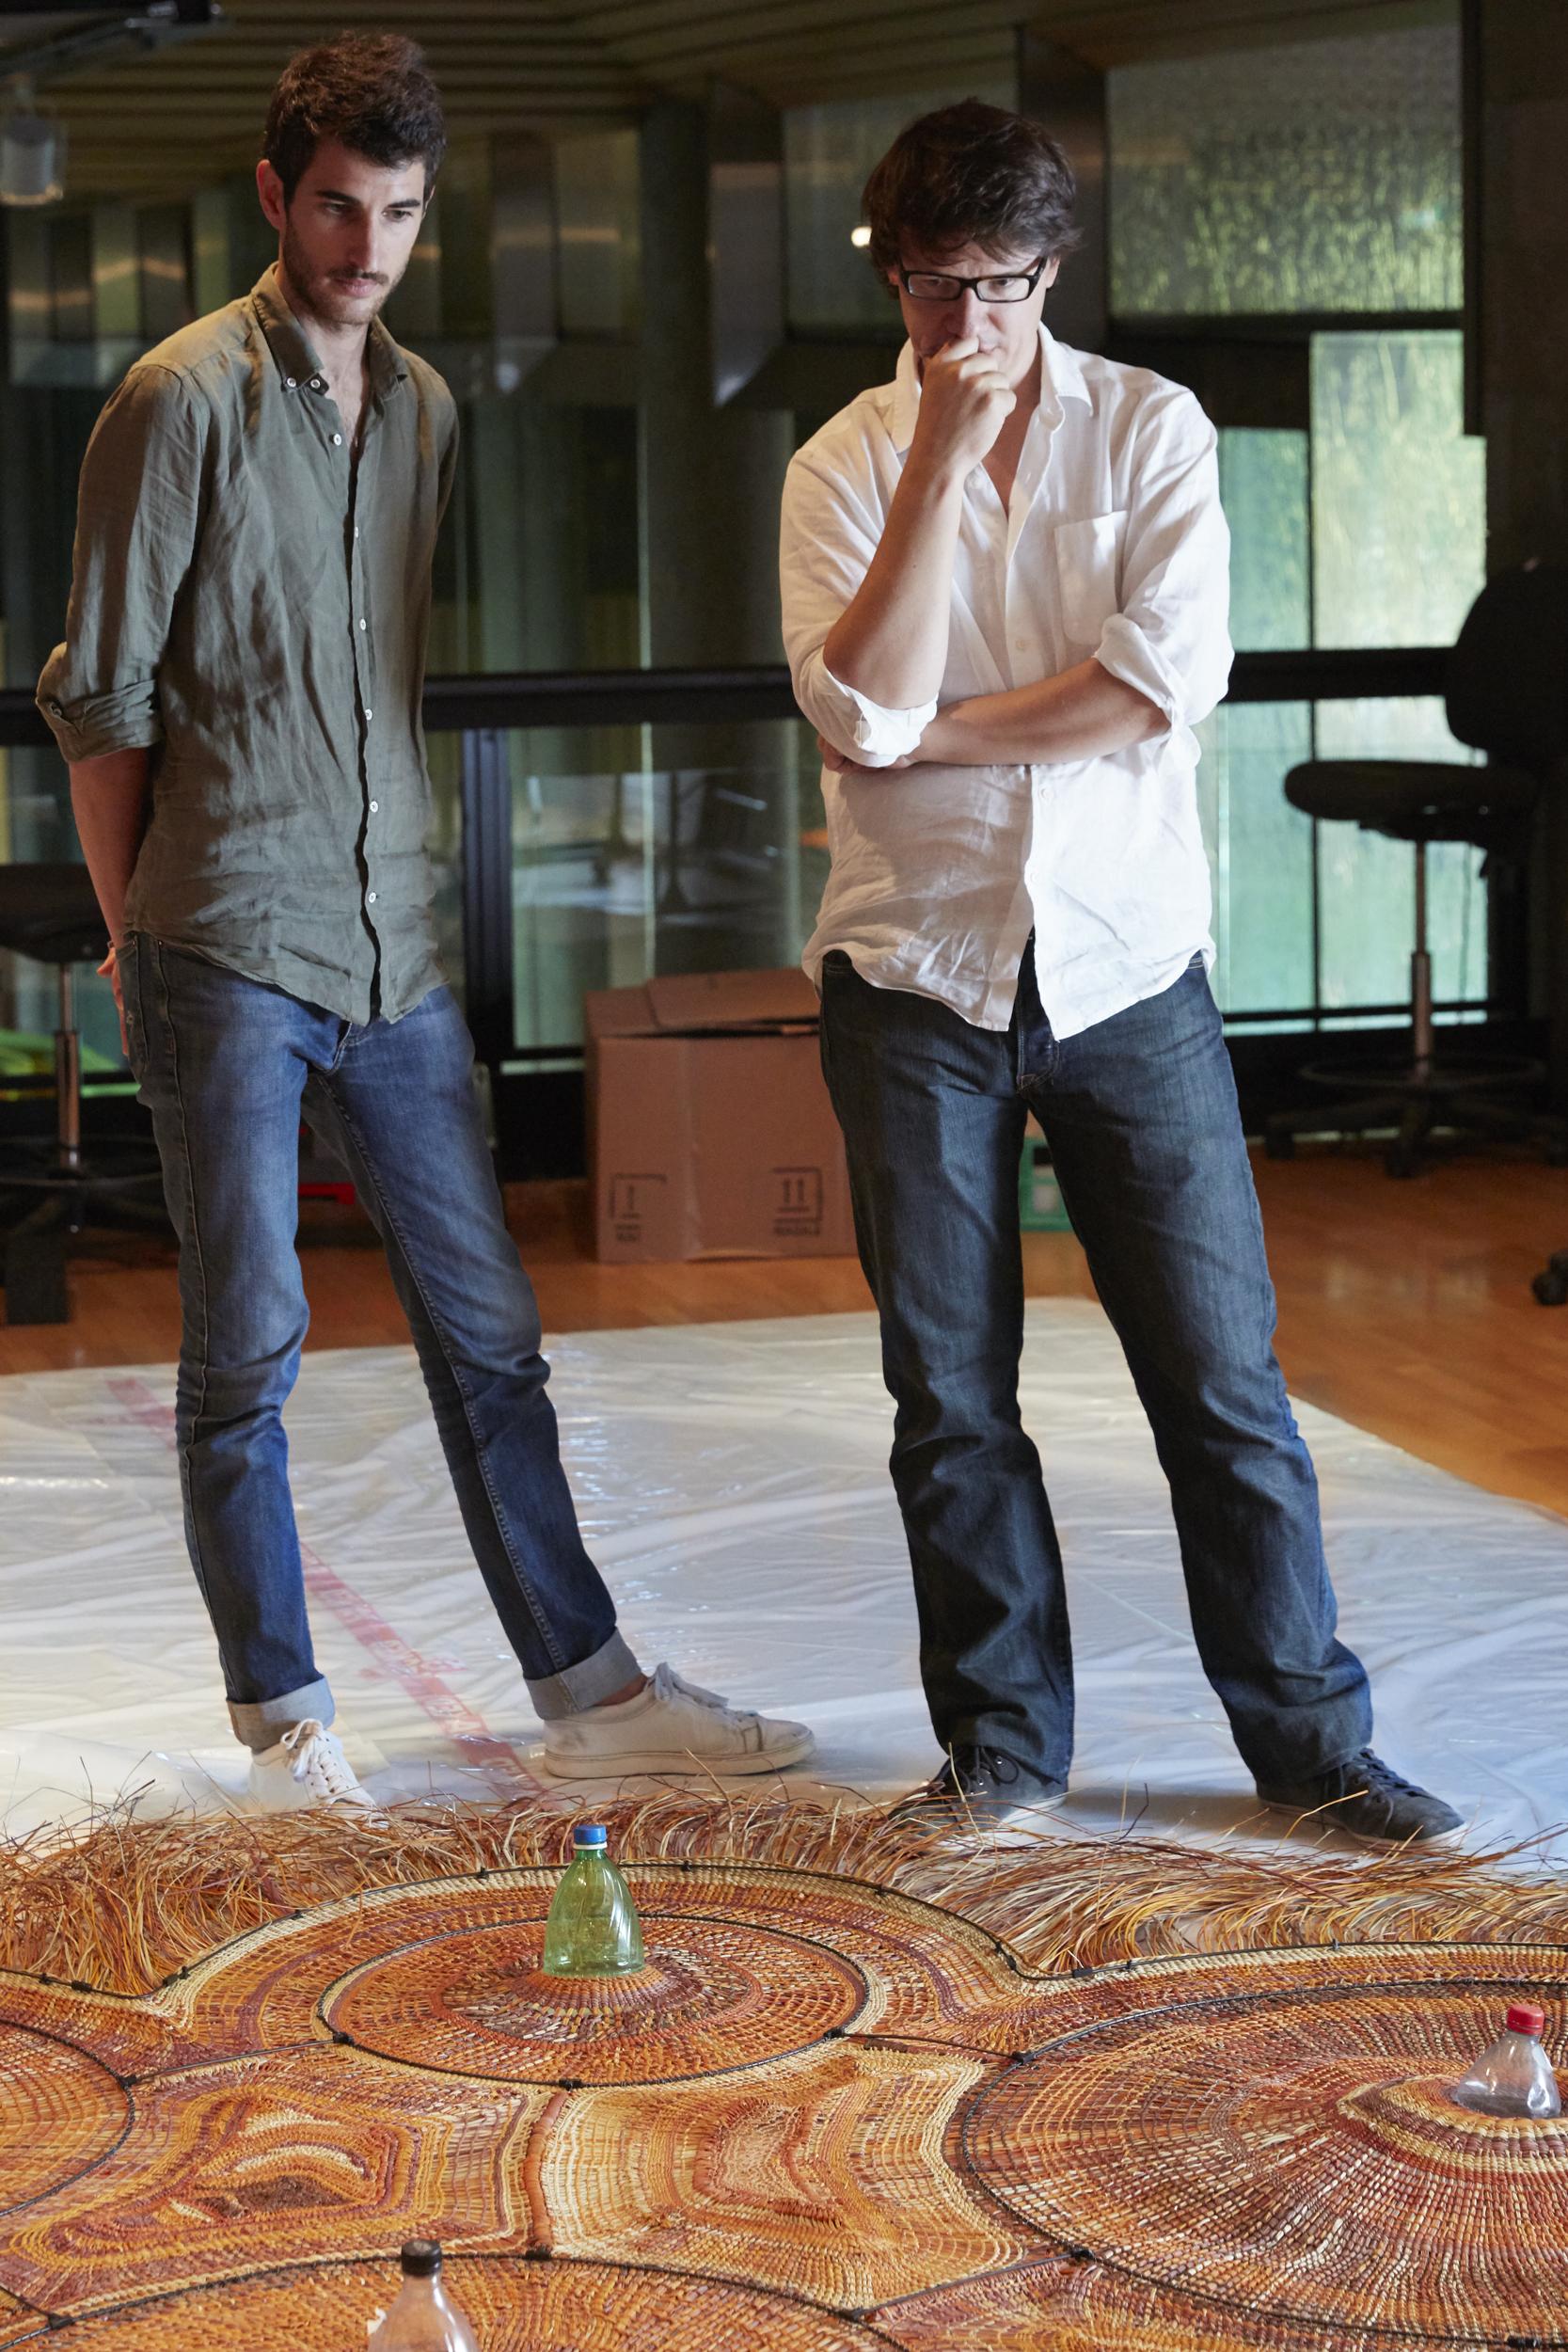 Alvaro Catalán de Ocón and Enrique Romero from Pet Lamp Photo: Damien Kook